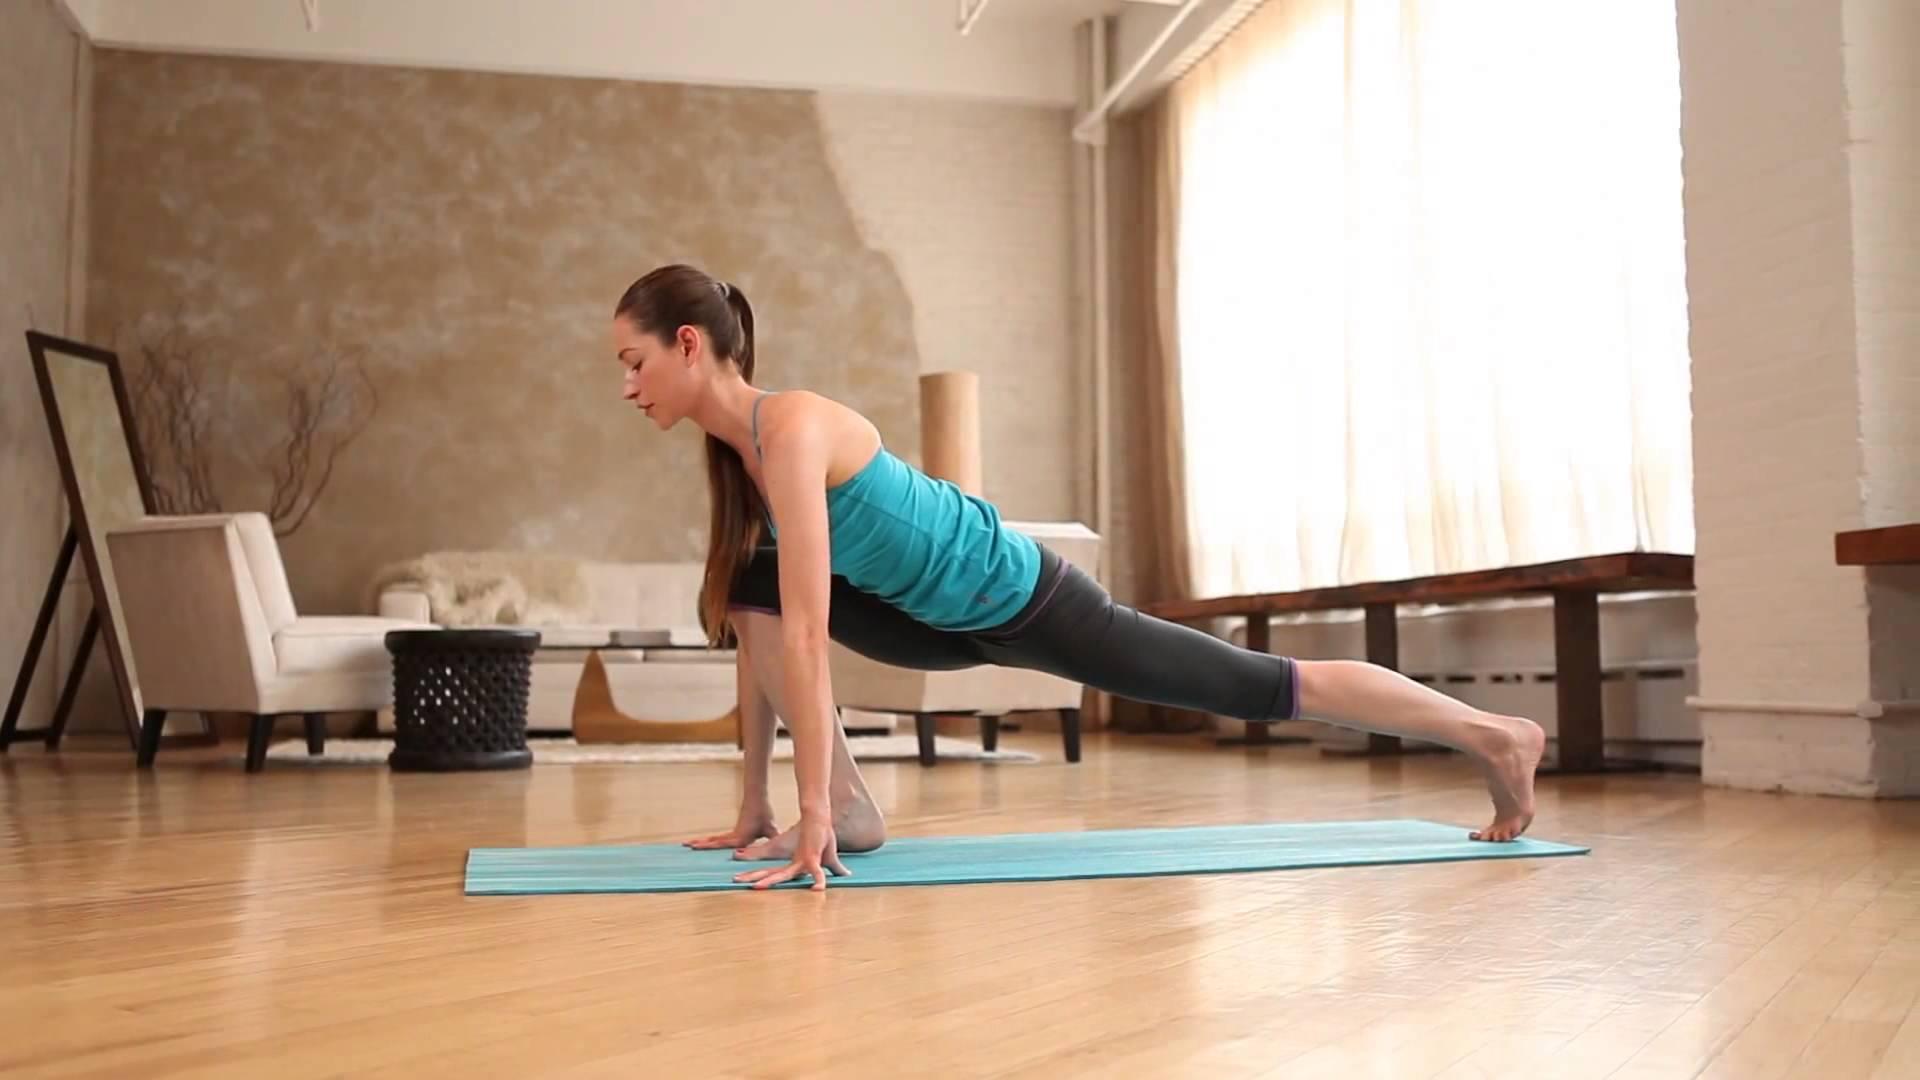 Hết Tết rồi! Cùng tập yoga giảm cân đi là vừa nàng ạ!